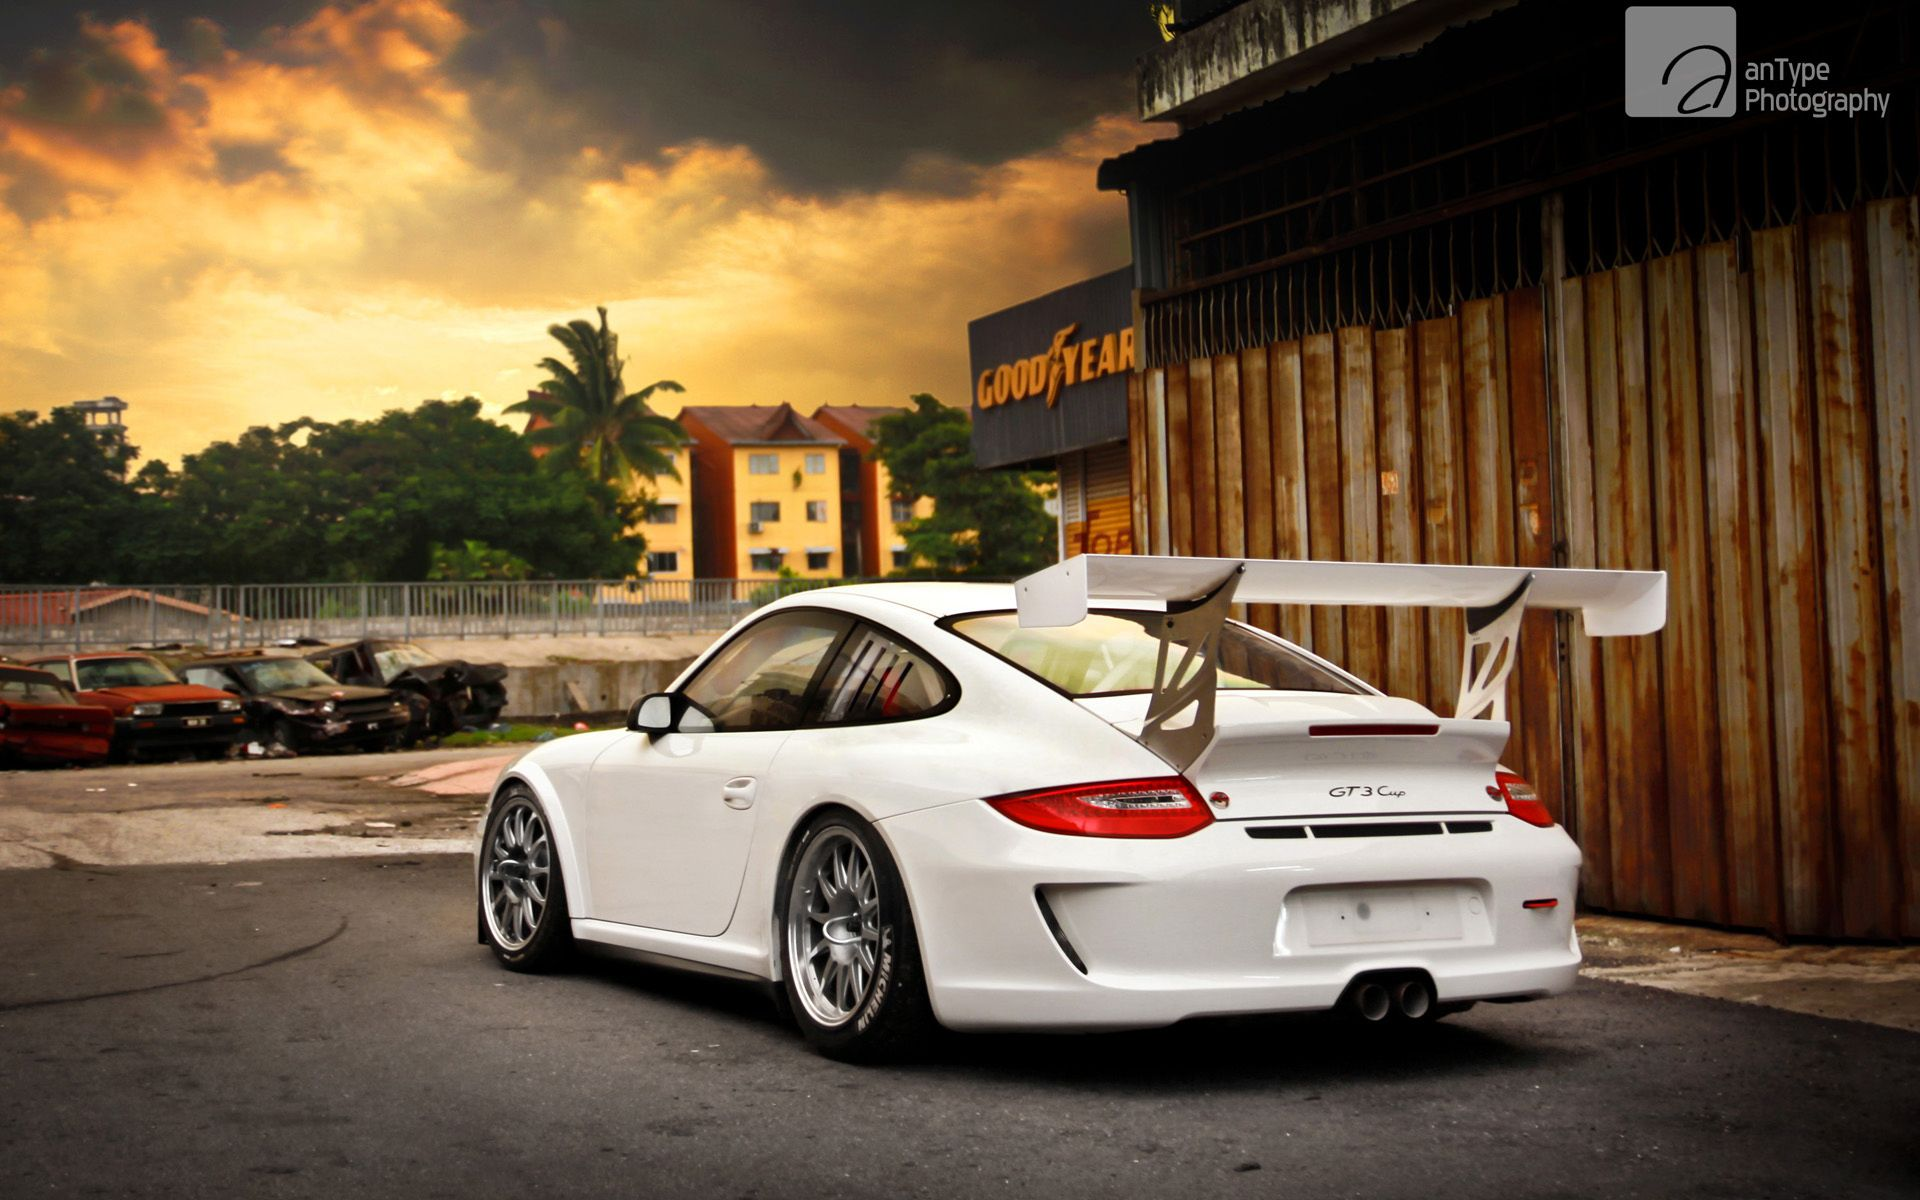 Porsche Gt3 Cup Wallpaper Hd Car Wallpapers Porsche Porsche Cars Car